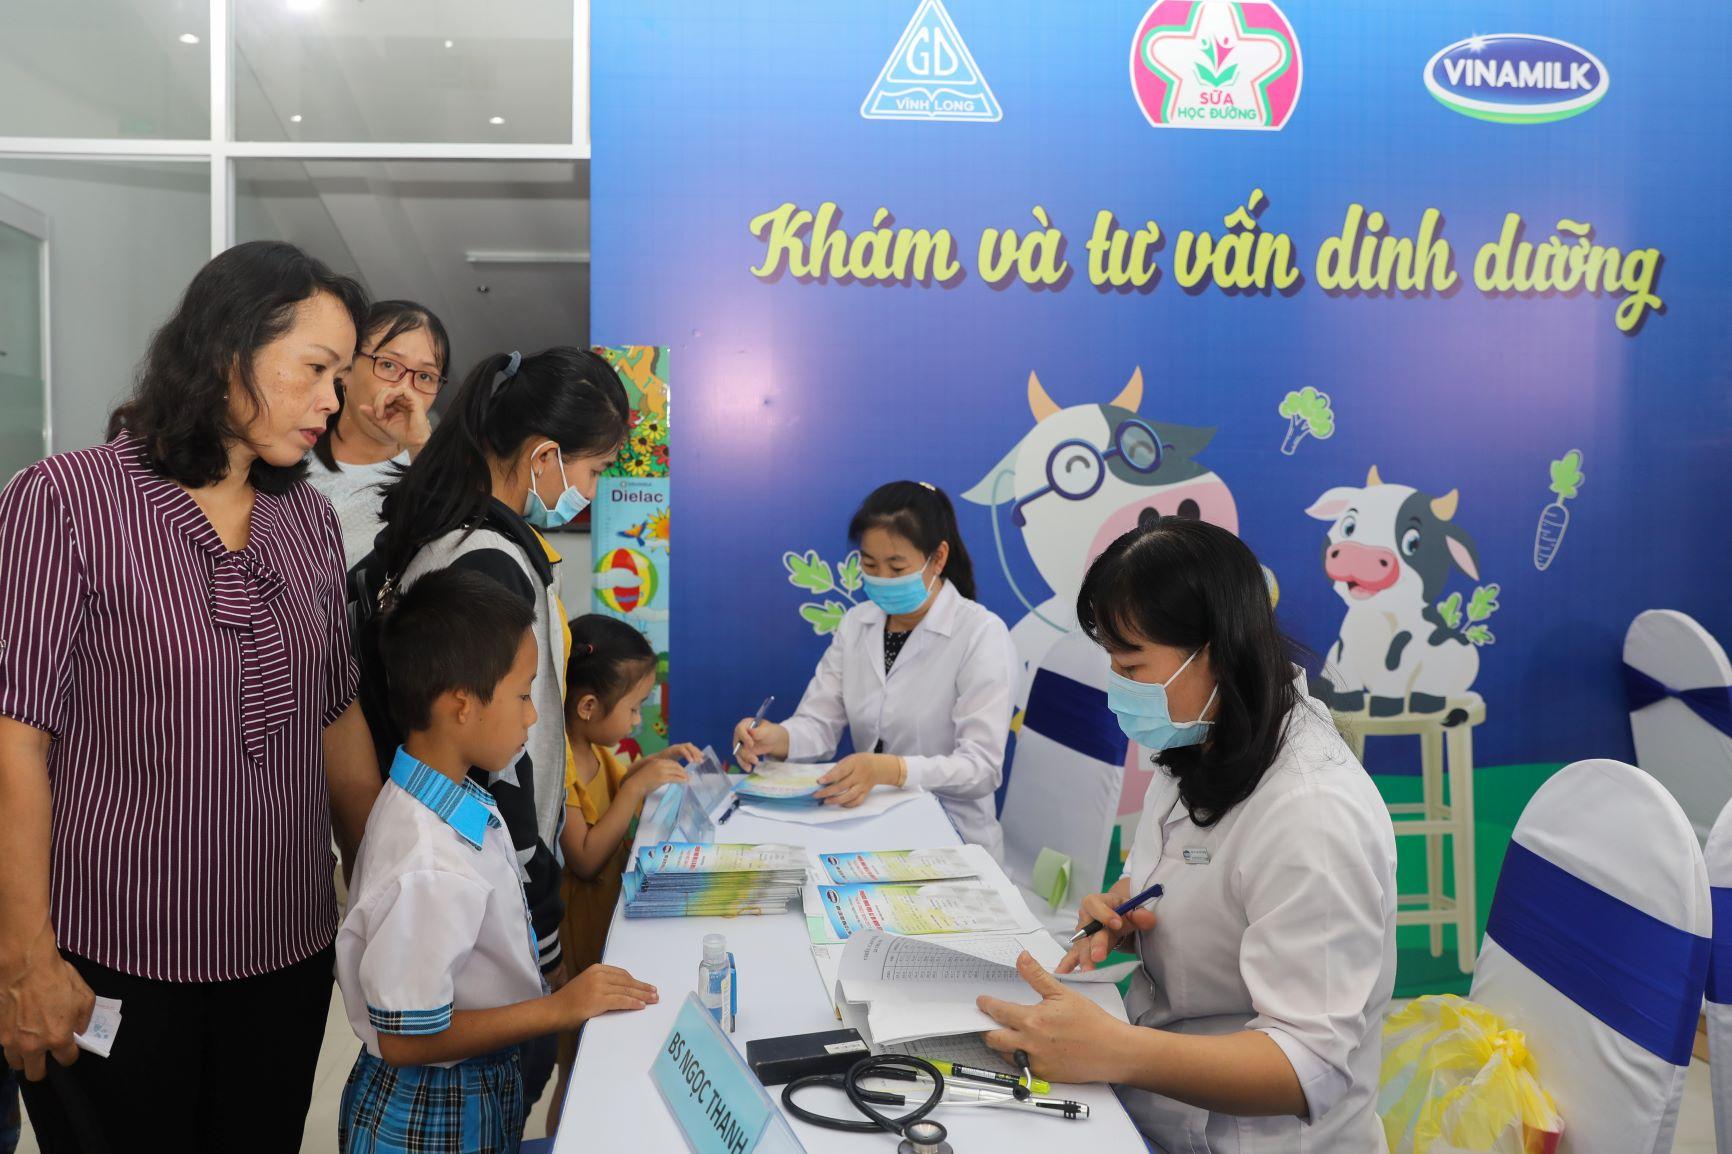 Vinamilk tổ chức Ngày hội Sữa học đường, mang niềm vui uống sữa tại trường đến với trẻ em Vĩnh Long 13